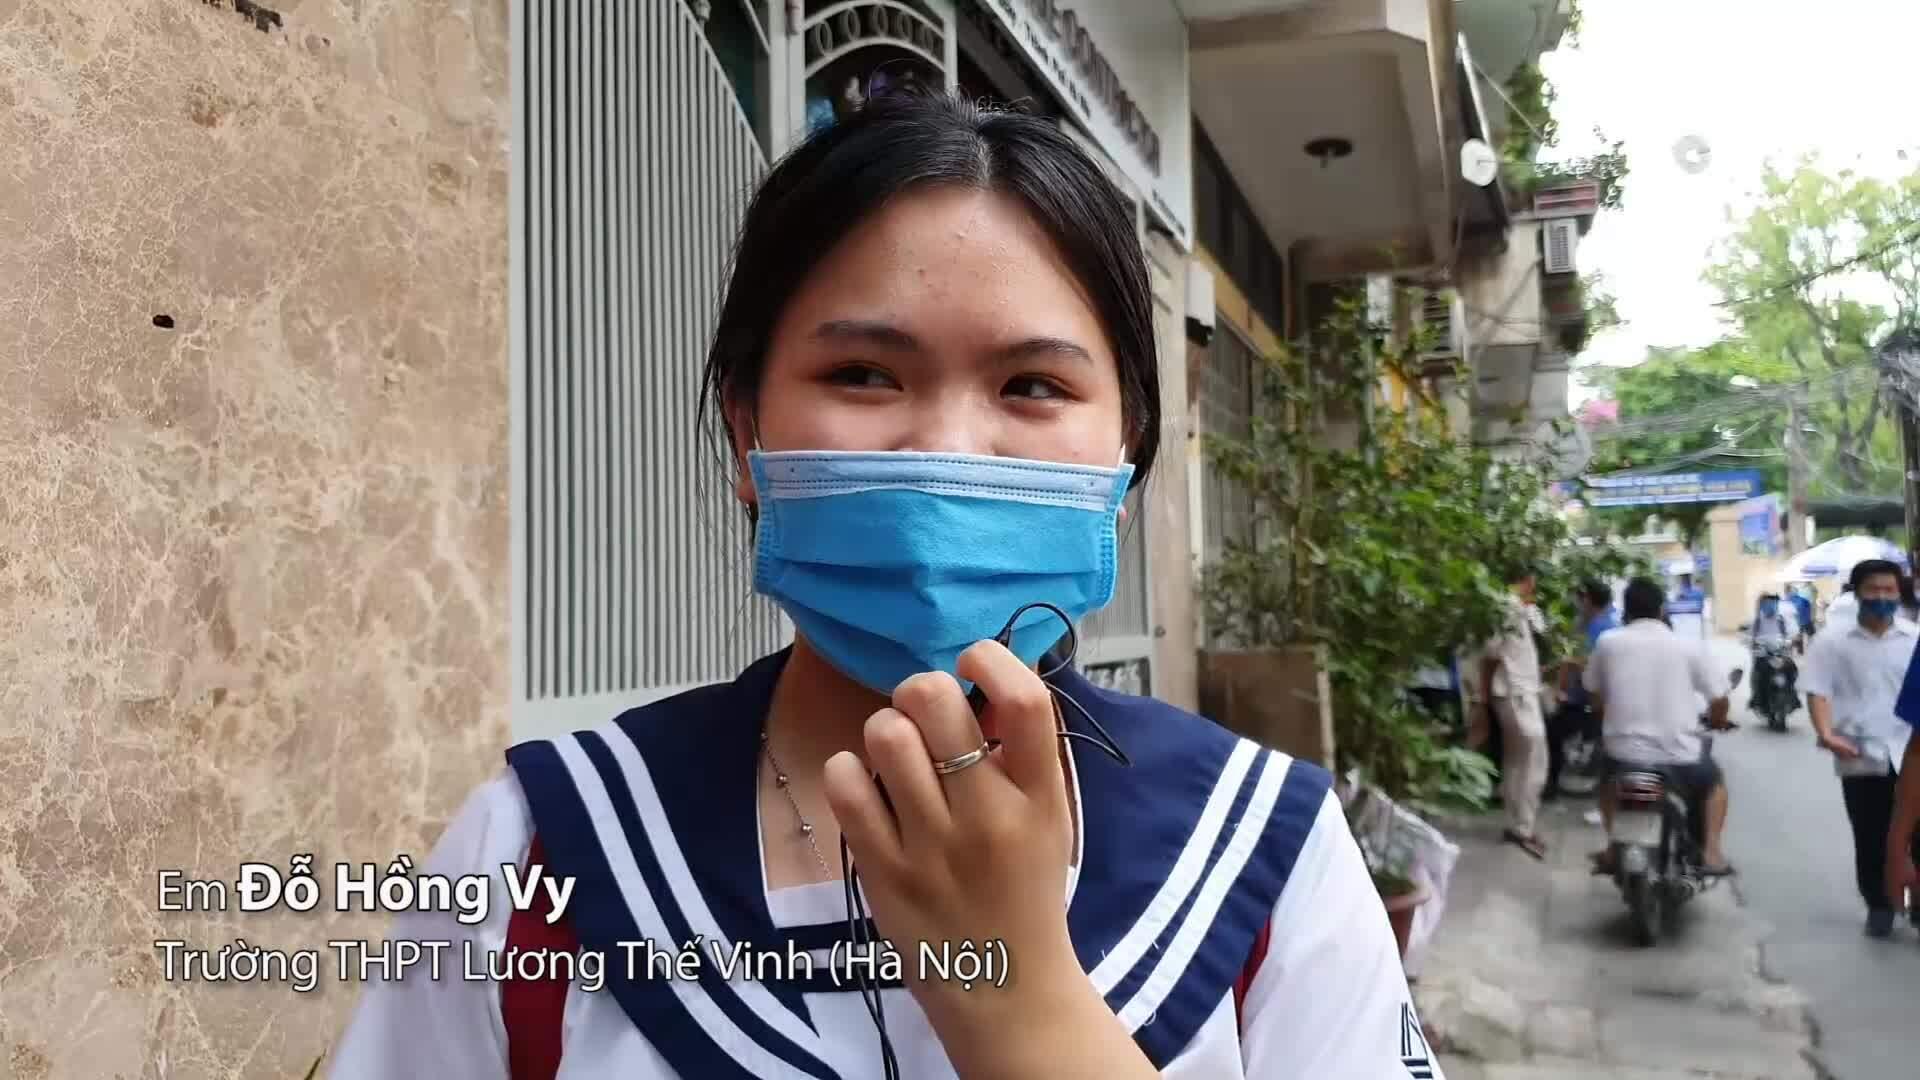 Video thí sinh đánh giá cả kỳ thi tốt nghiệp THPT